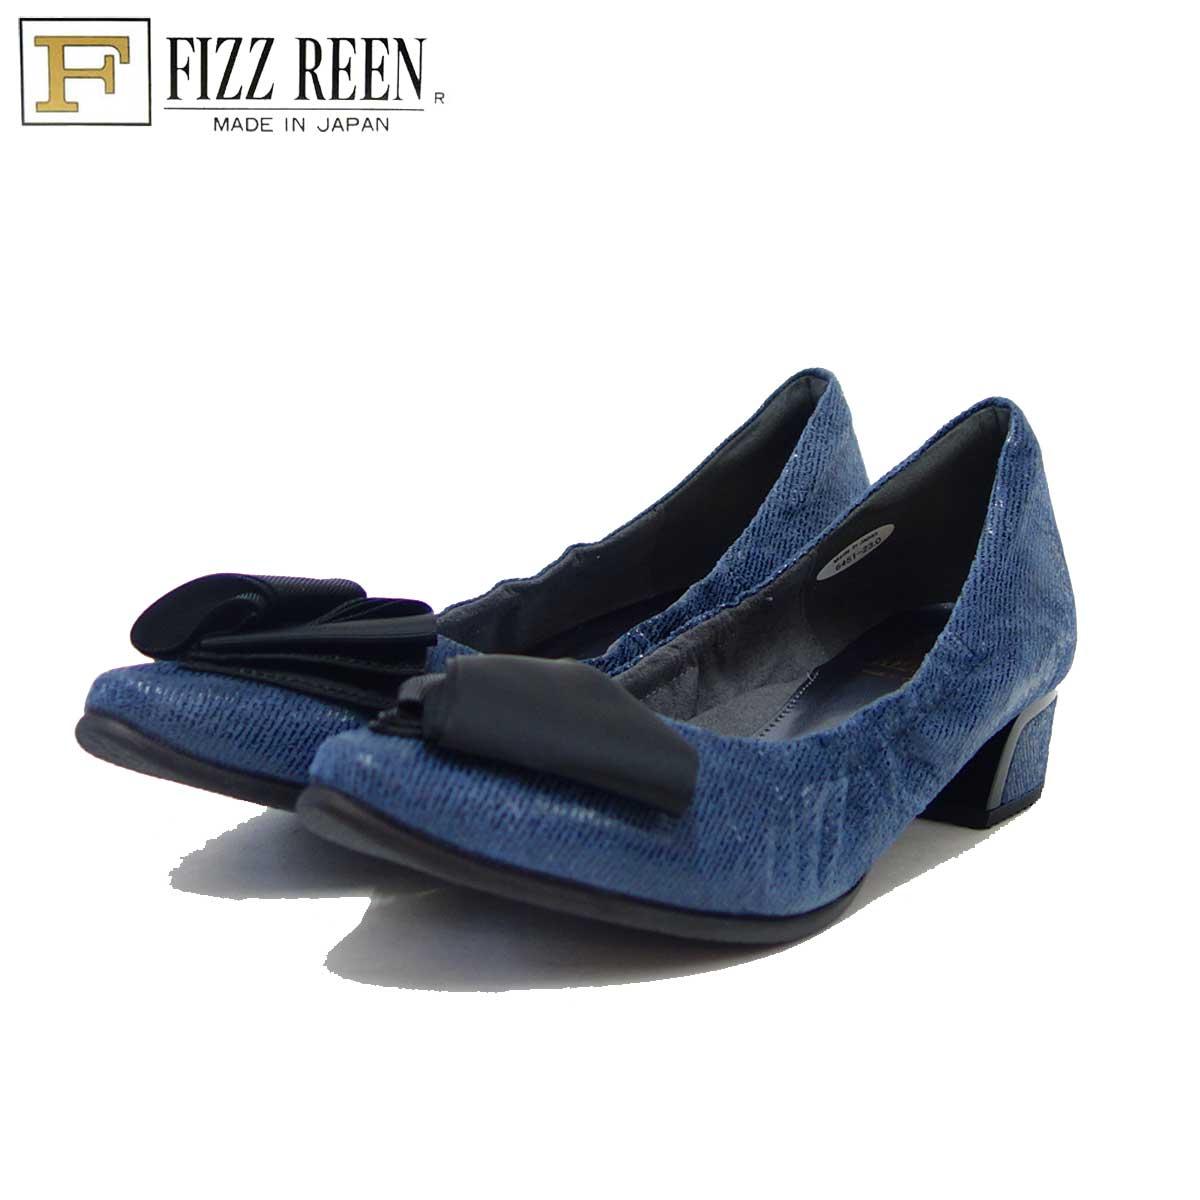 フィズリーン FIZZ REEN 6451 ネイビースエード(レディース)快適EEEのローヒールパンプス(日本製)「靴」